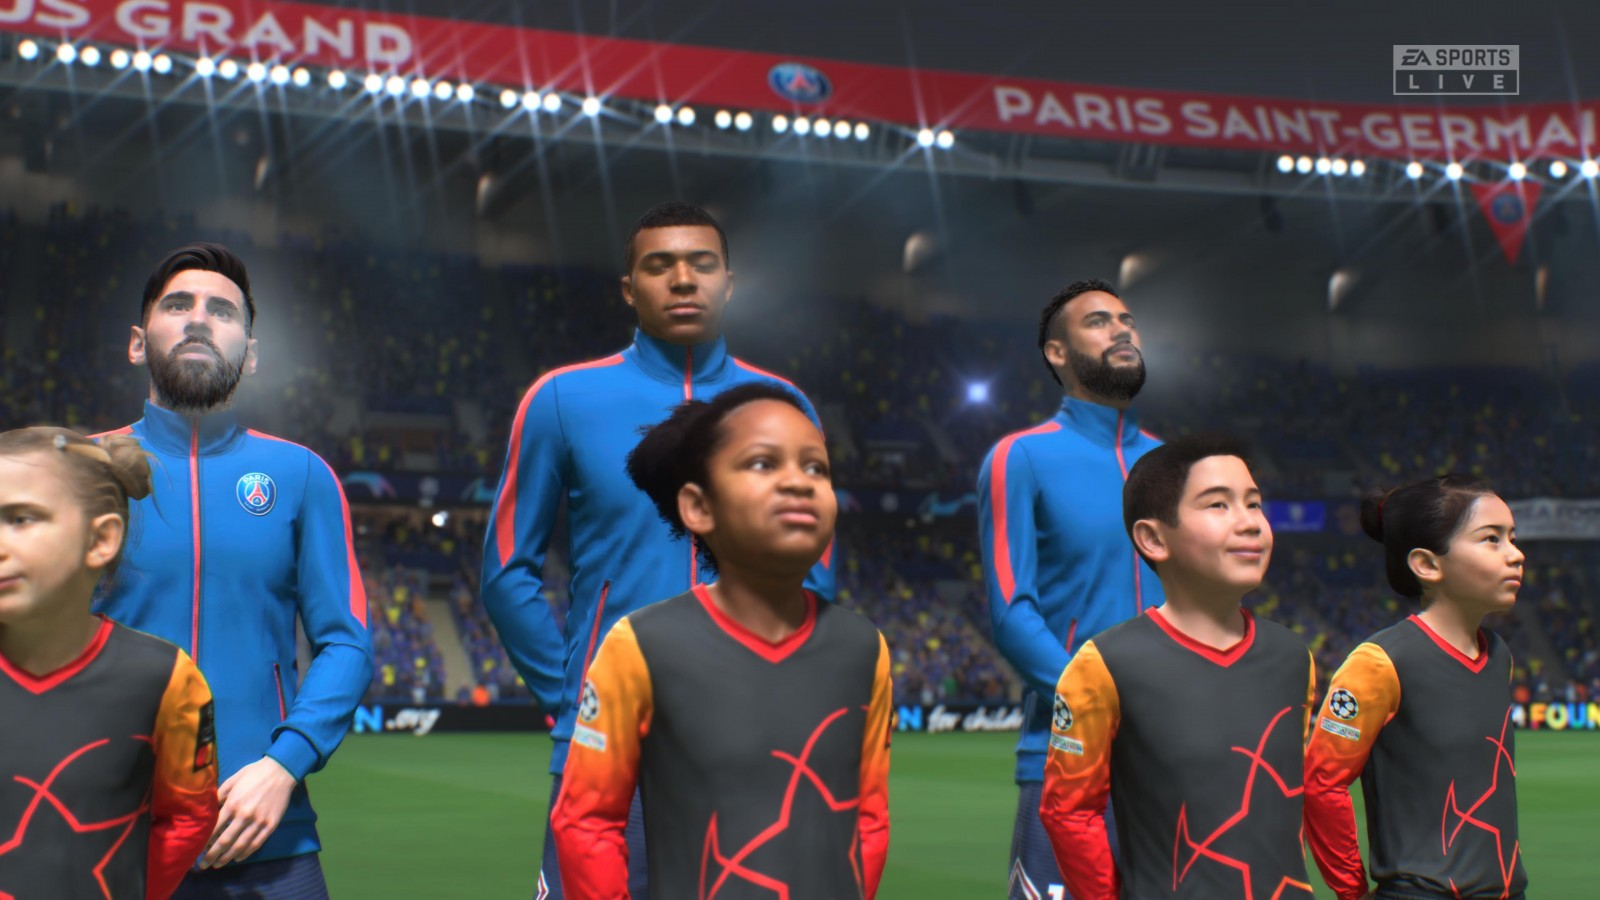 Reseña: ¿Será FIFA 22 un golazo o no? 7